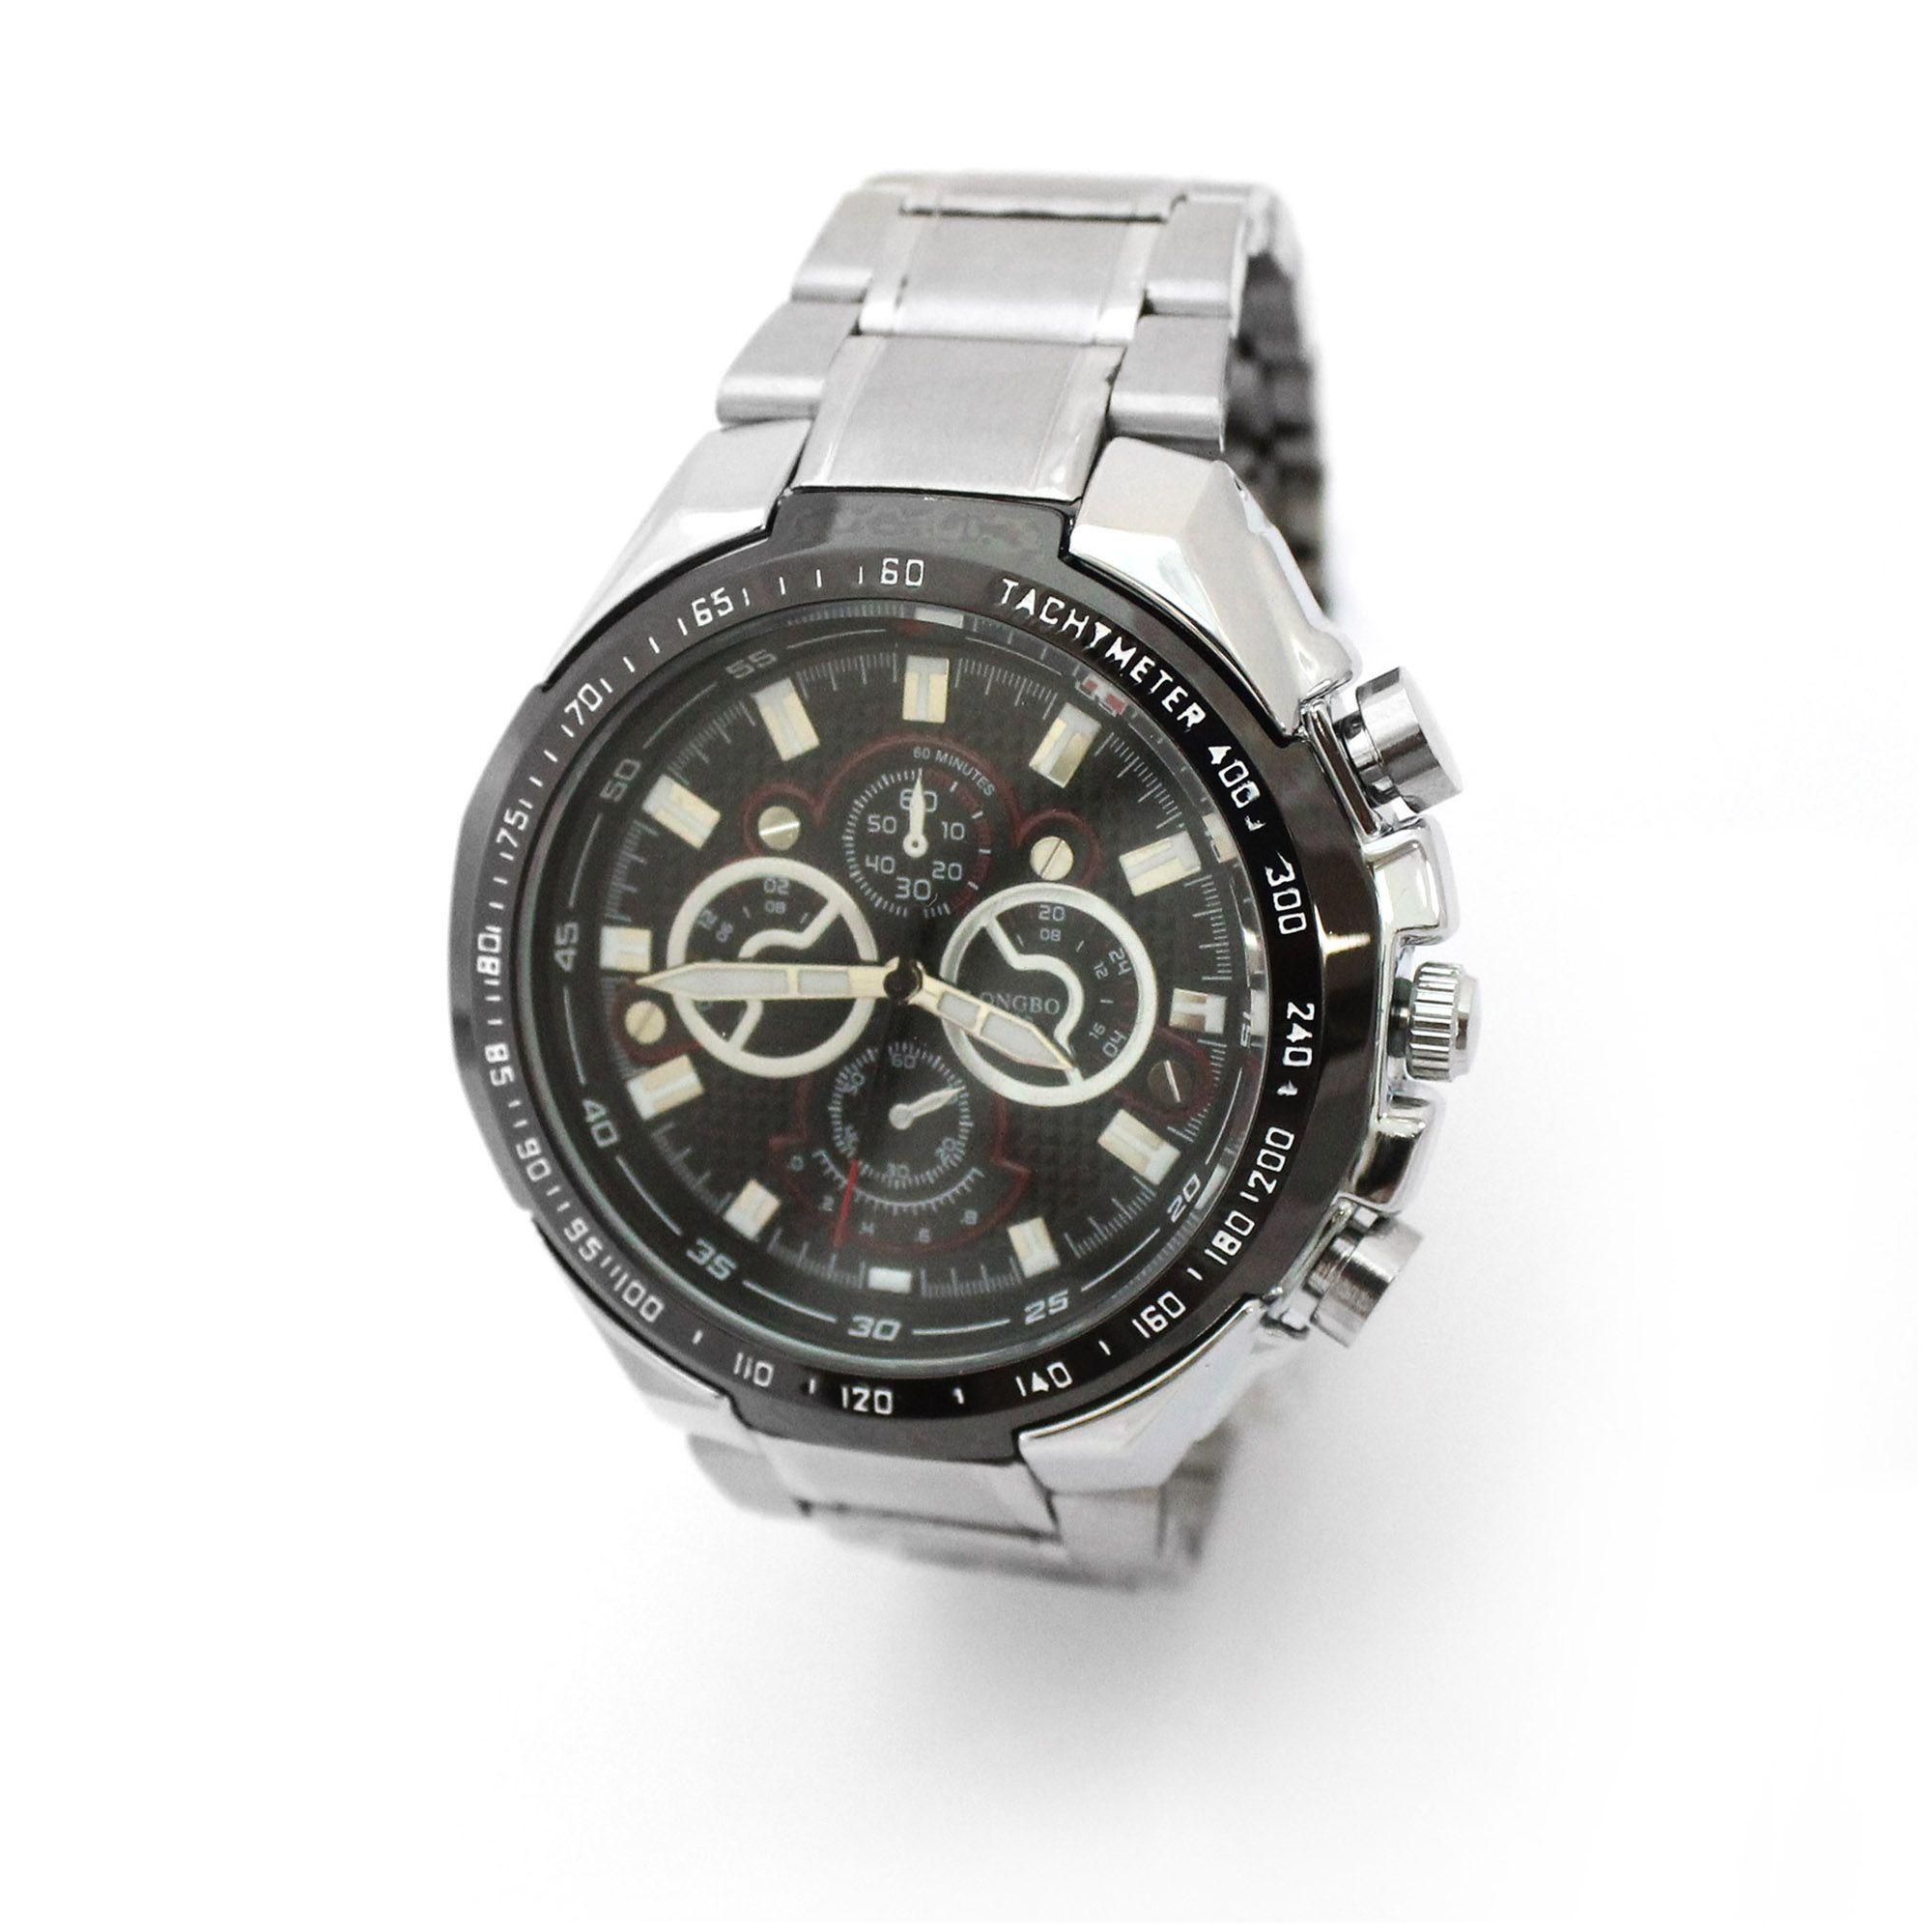 Silver Longbo Men's Watch $15